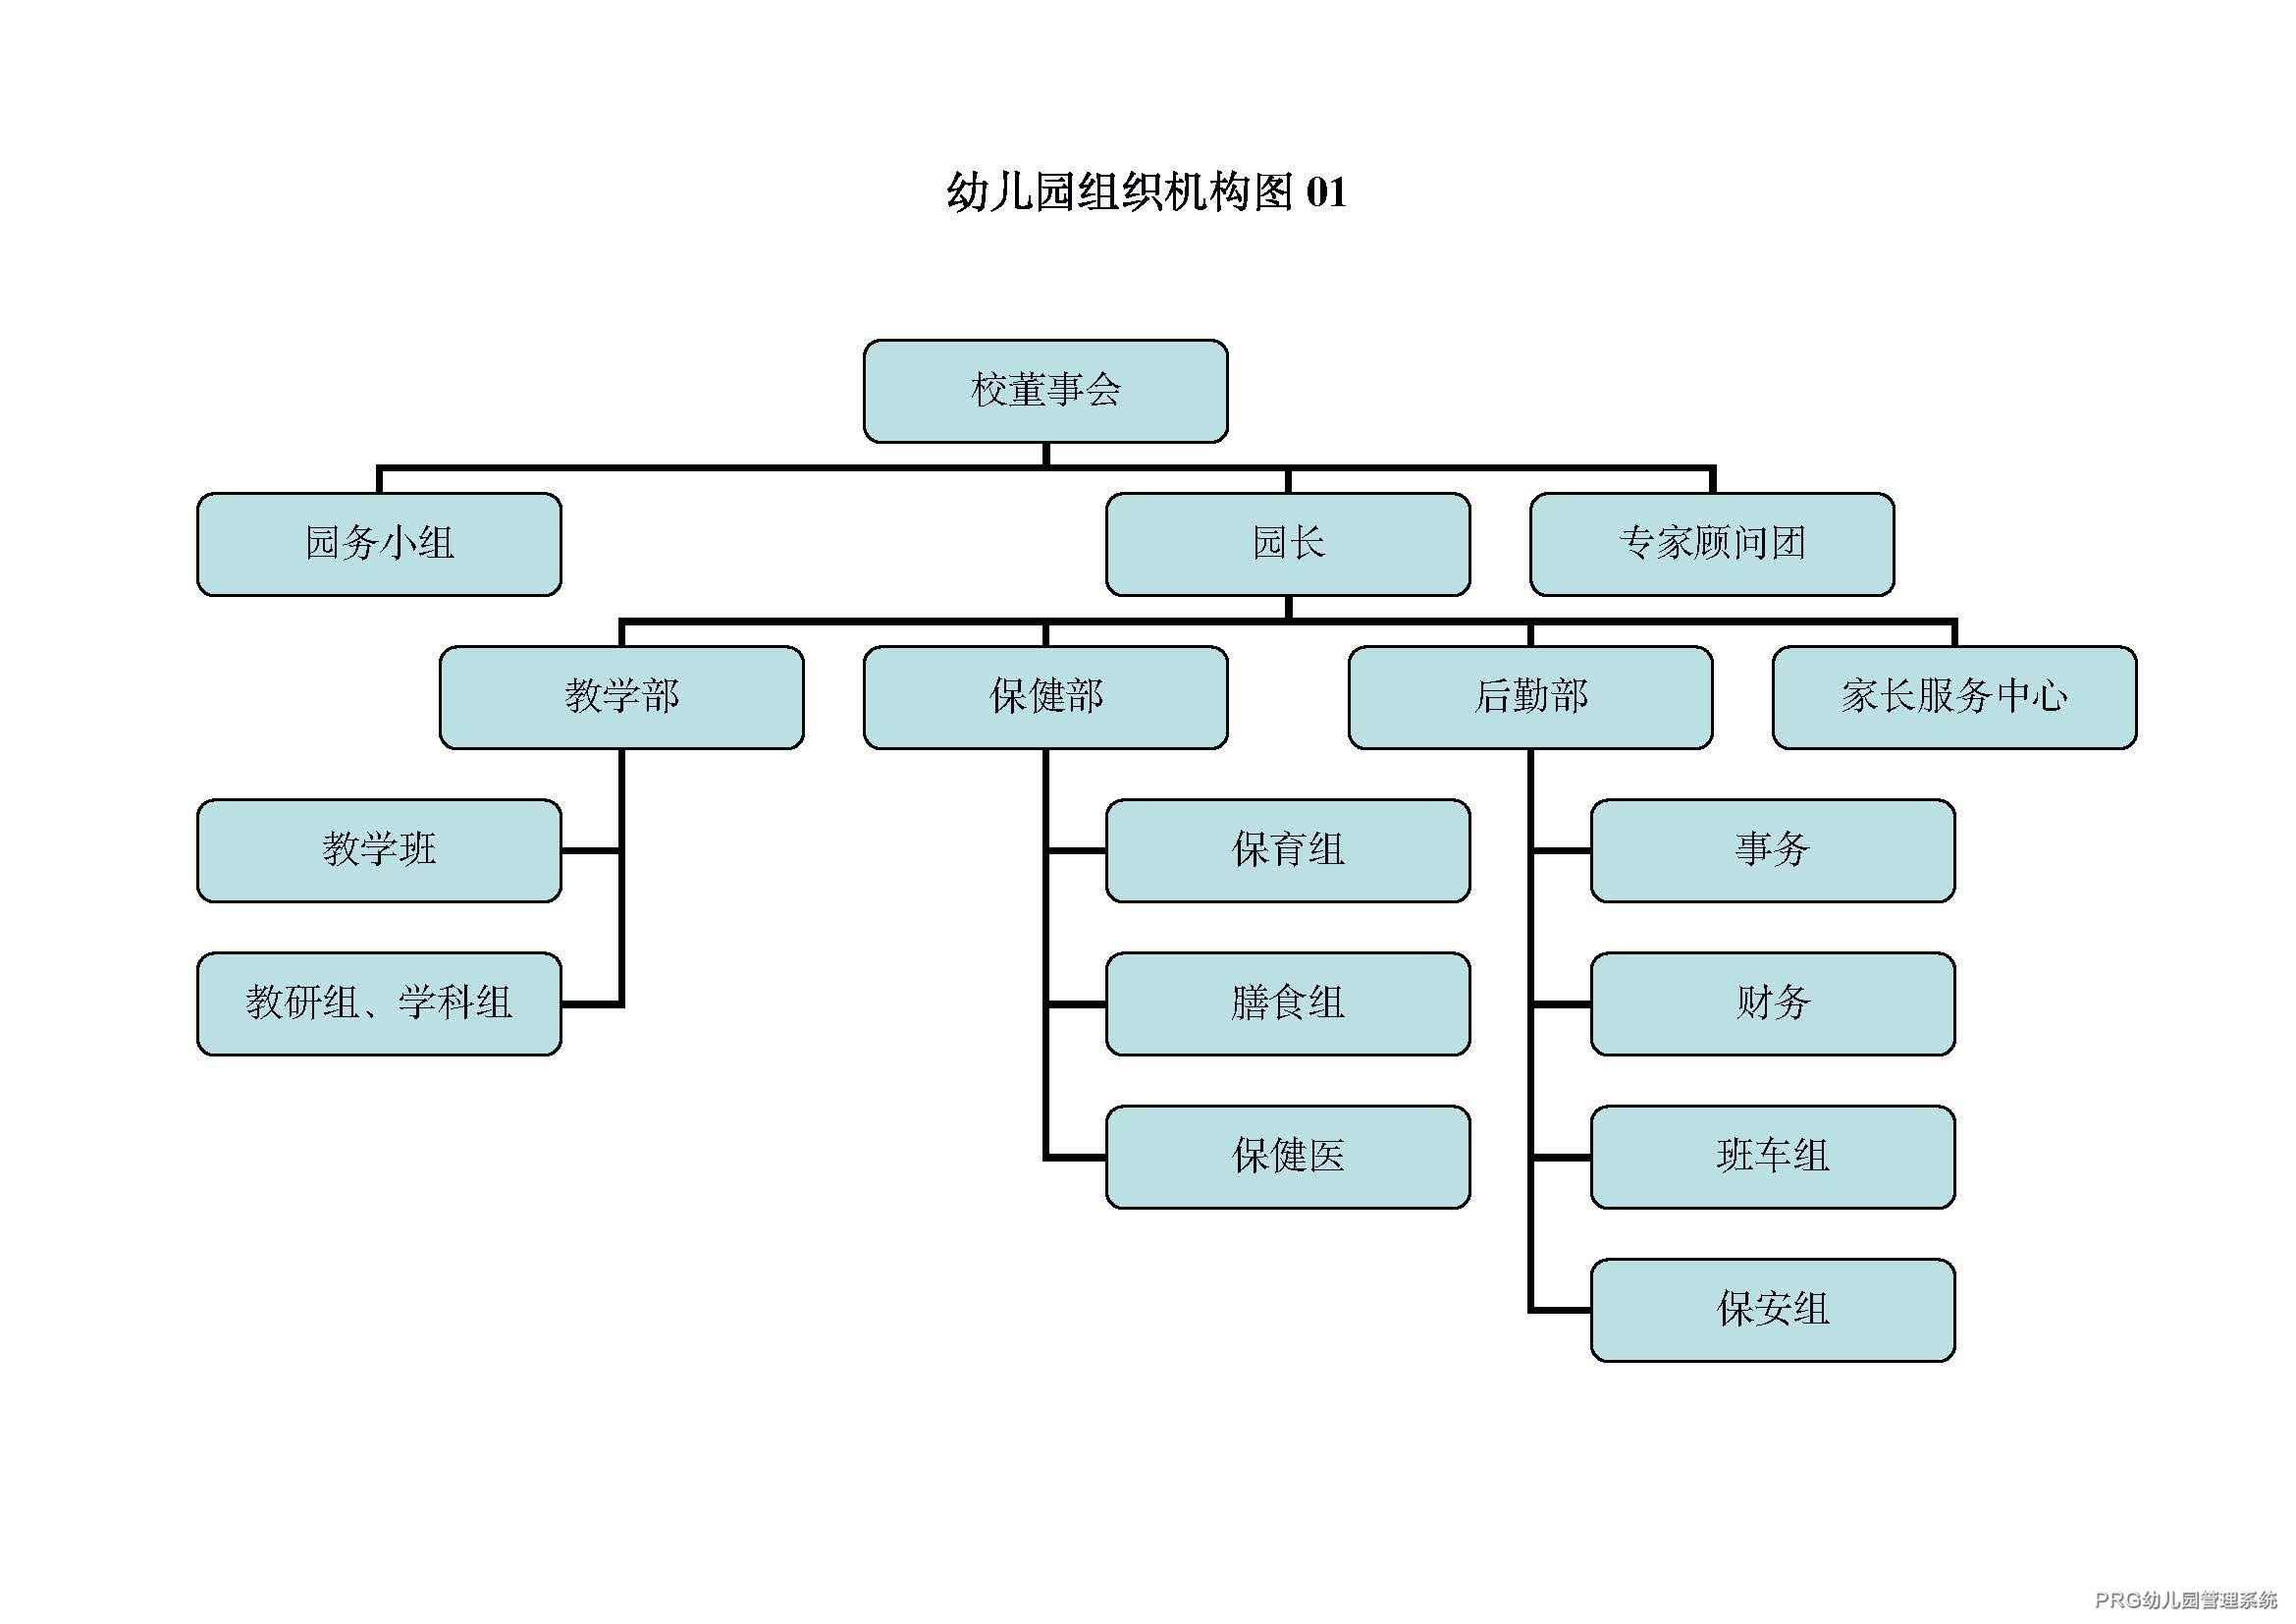 幼儿园管理组织架构图1